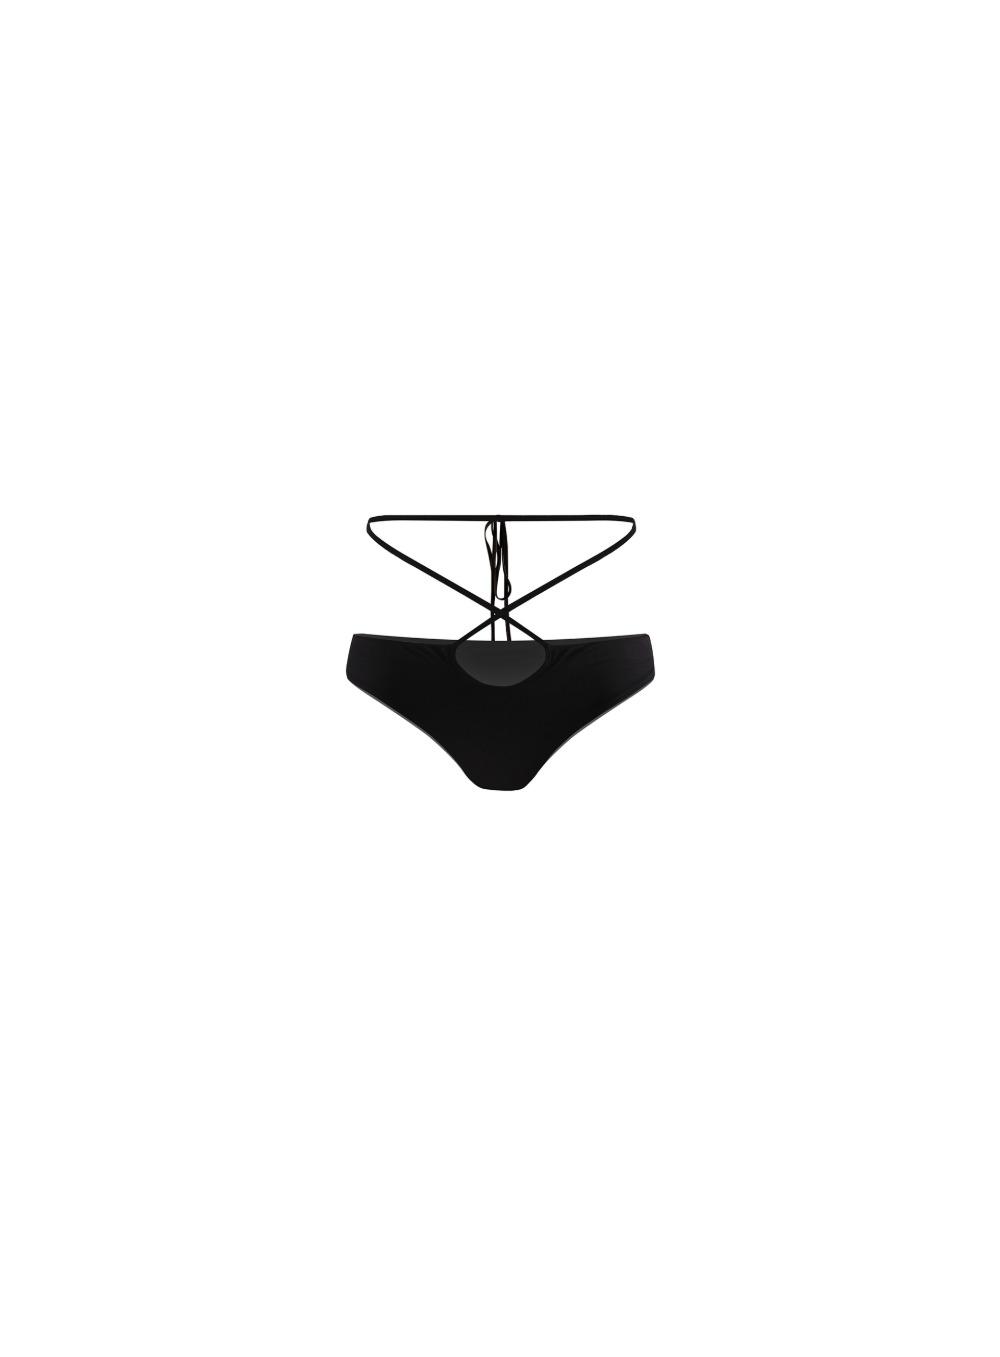 에고 레이스업 비키니 BOTTOM (로우라이즈) - 블랙